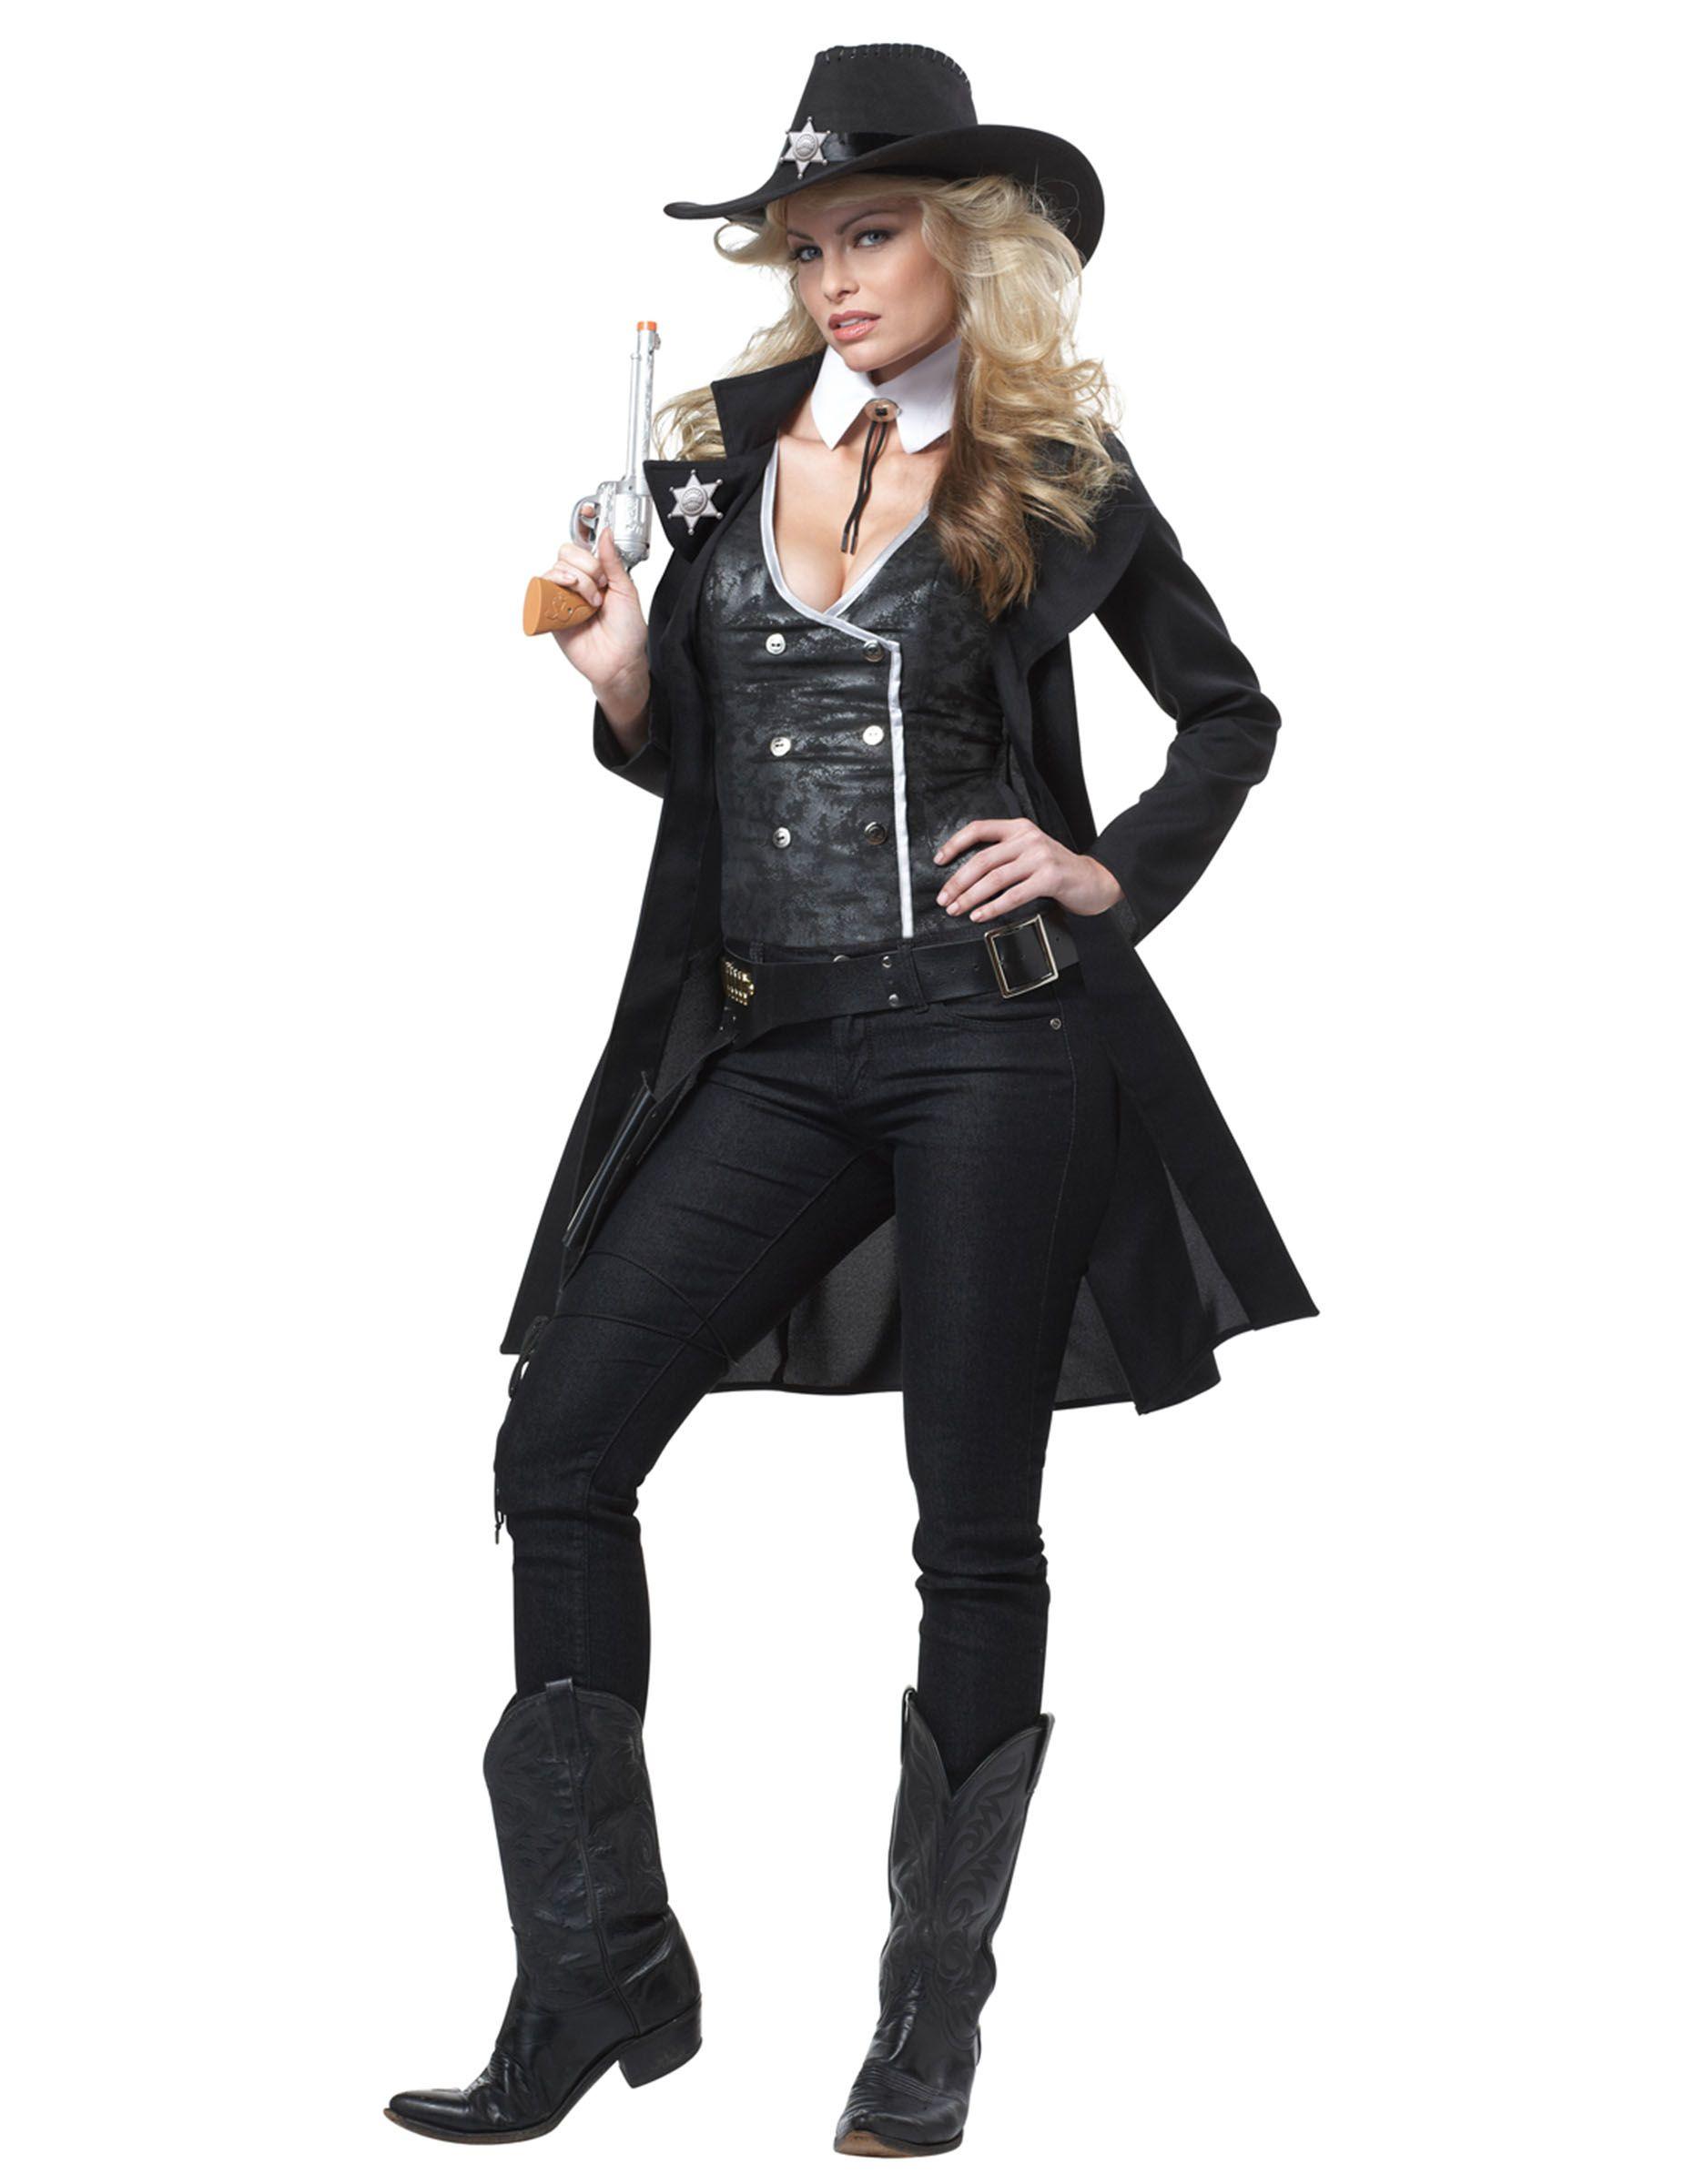 260c3e372d649 Disfraz Mujer sheriff para adulto  Este disfraz de Mujer Sheriff es para  adulto.La chaqueta es negra y se lleva abierta.Un chaleco sin mangas gris y  negro ...